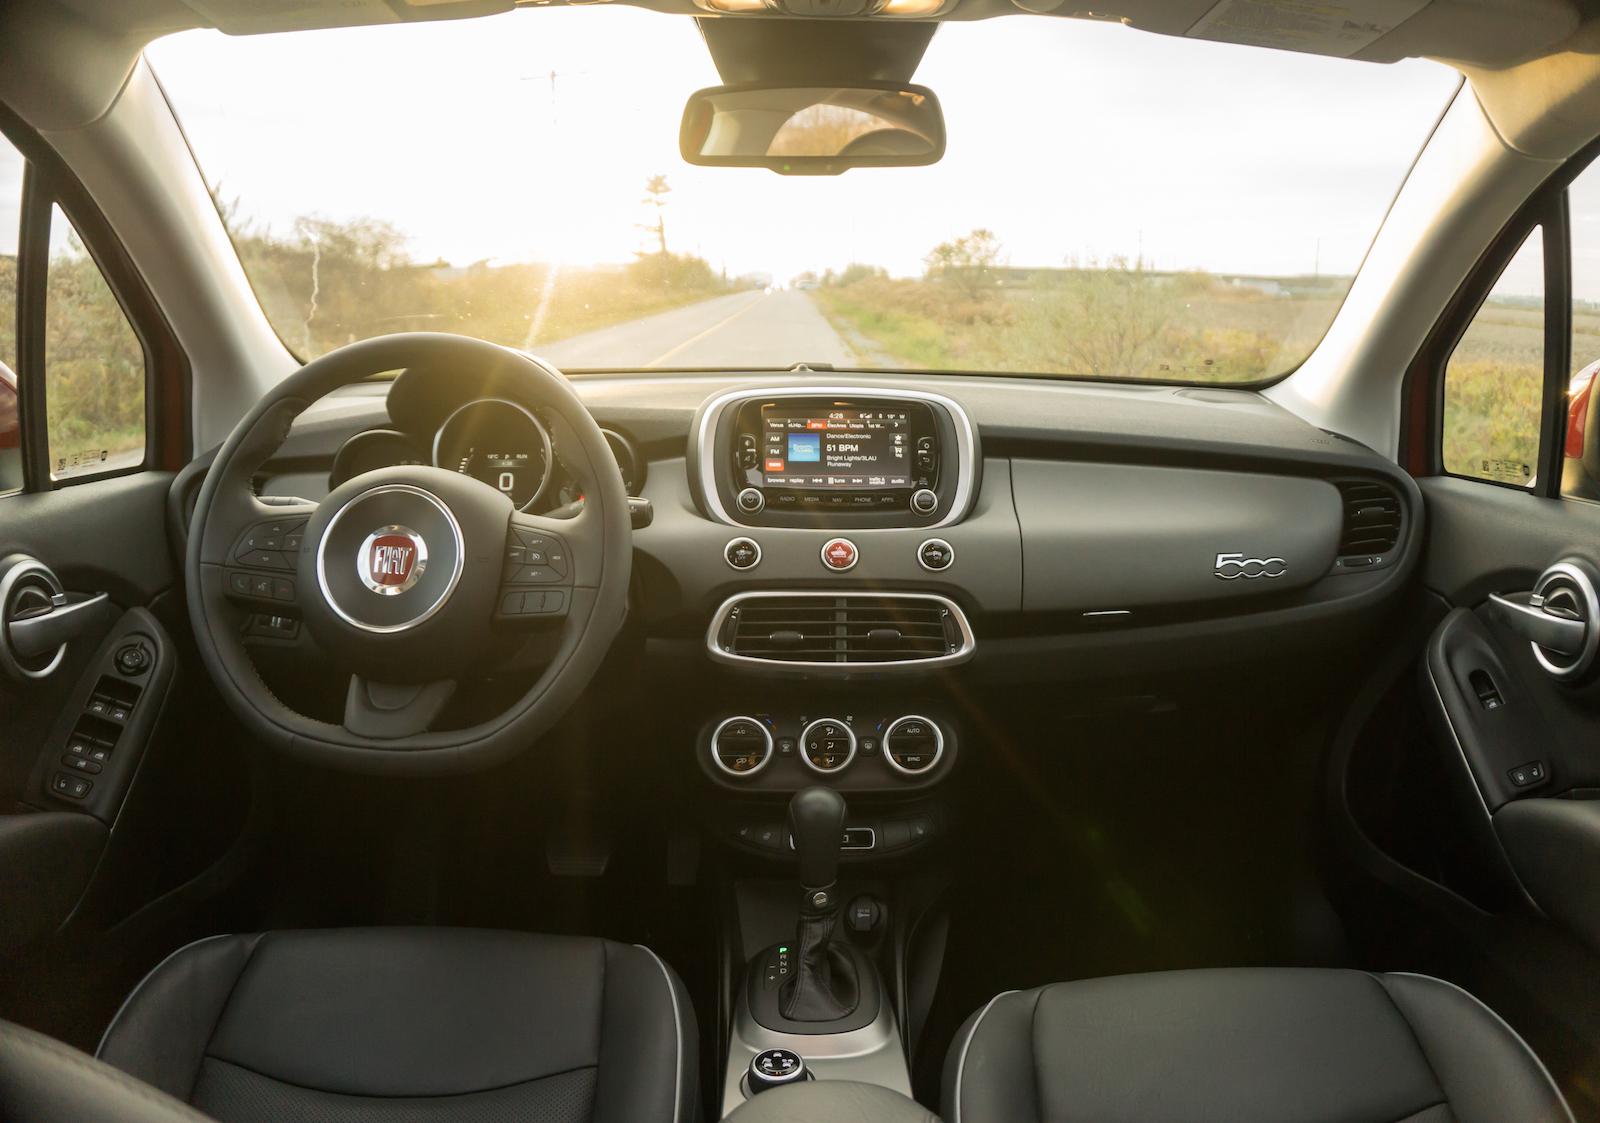 ... Fiat 500x Interior Black